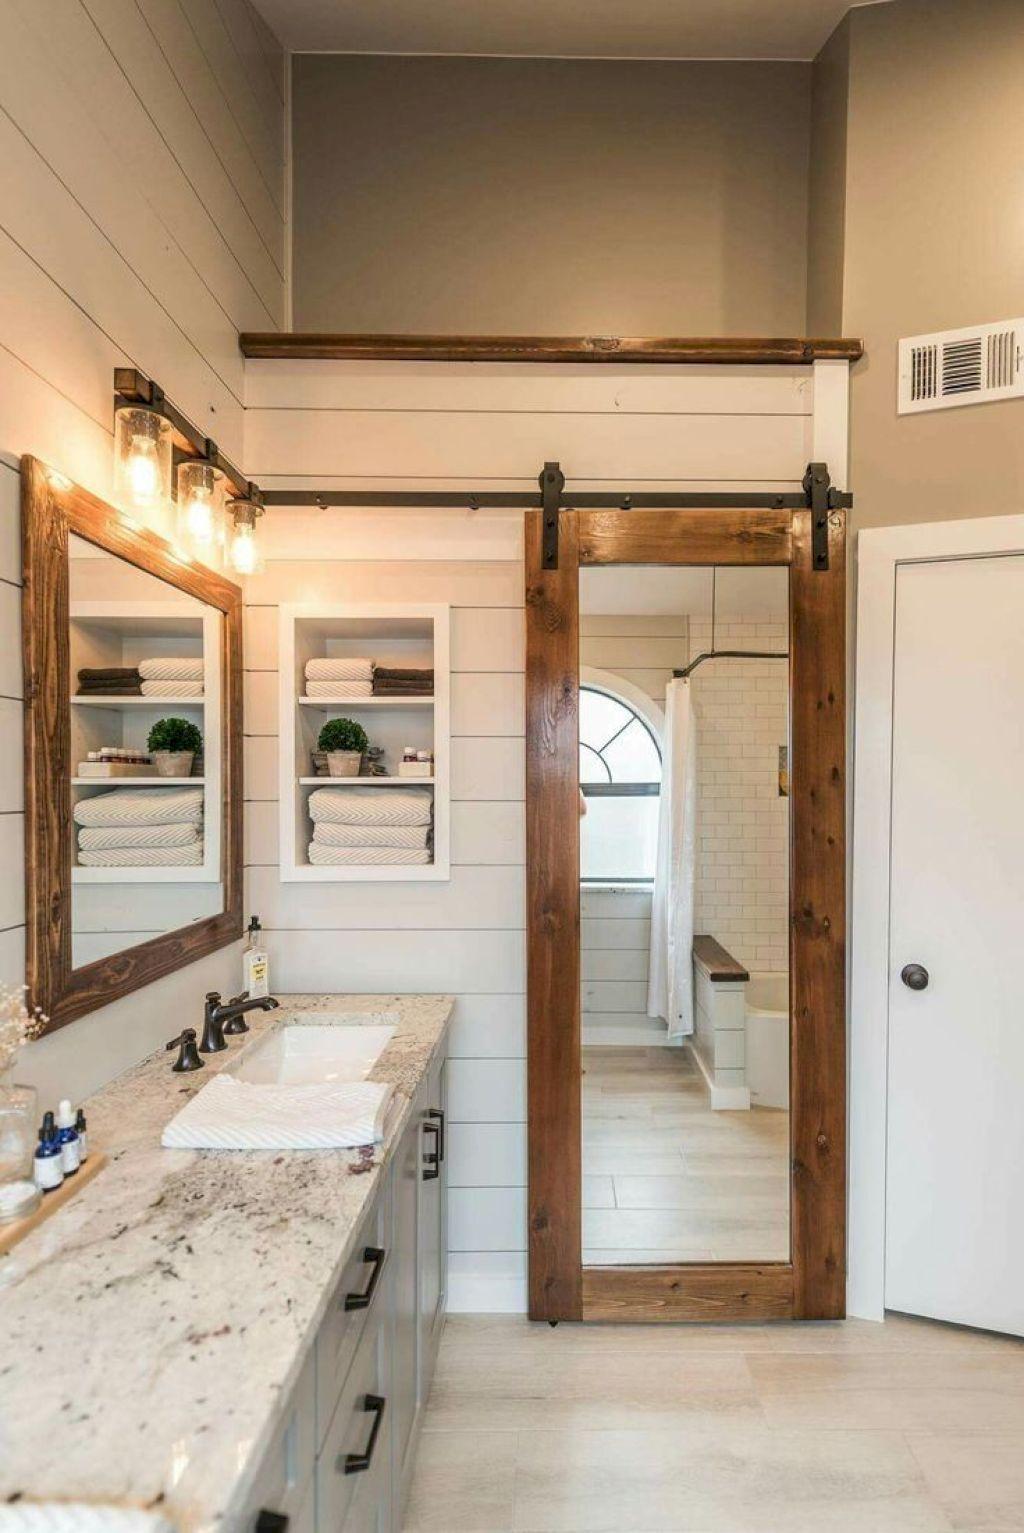 50 Best Master Bathroom Remodel Ideas | Wohnen